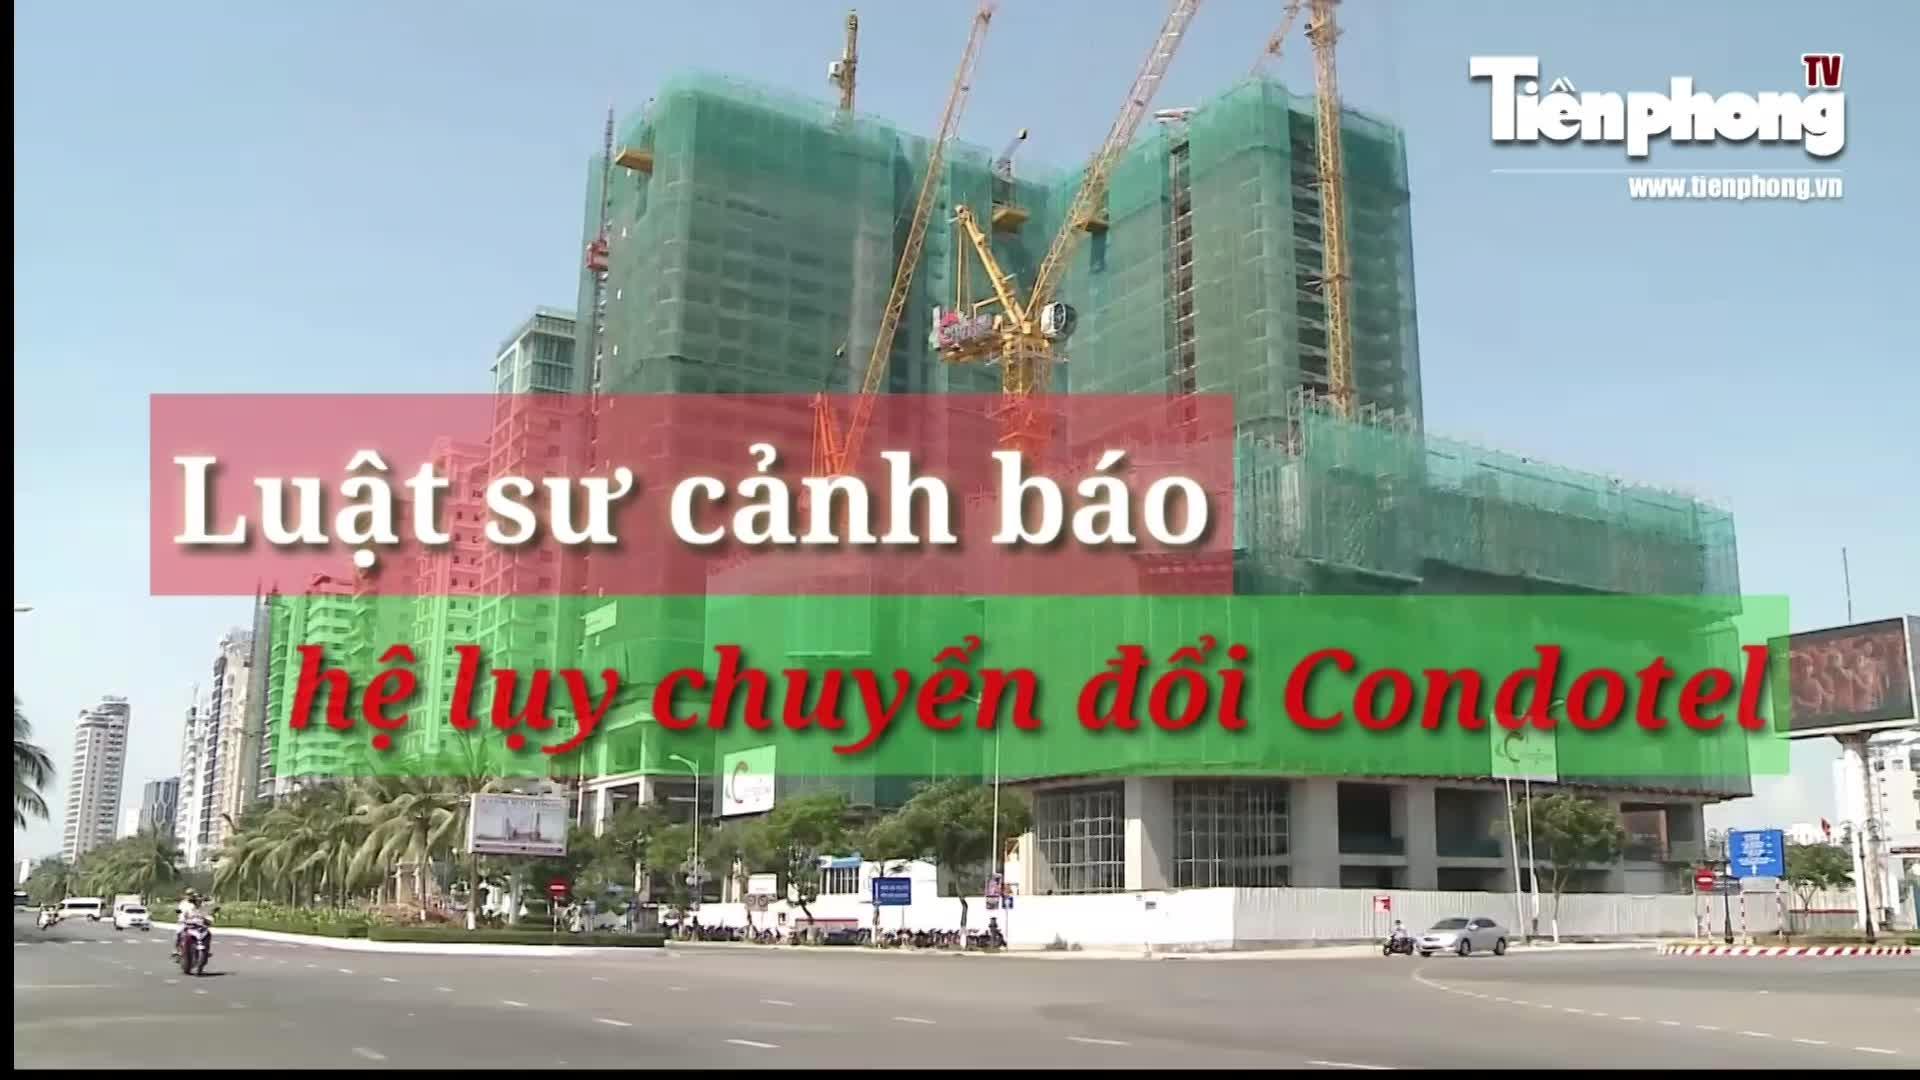 Luật sư cảnh báo hệ lụy xấu khi chuyển đổi condotel thành chung cư ở Đà Nẵng